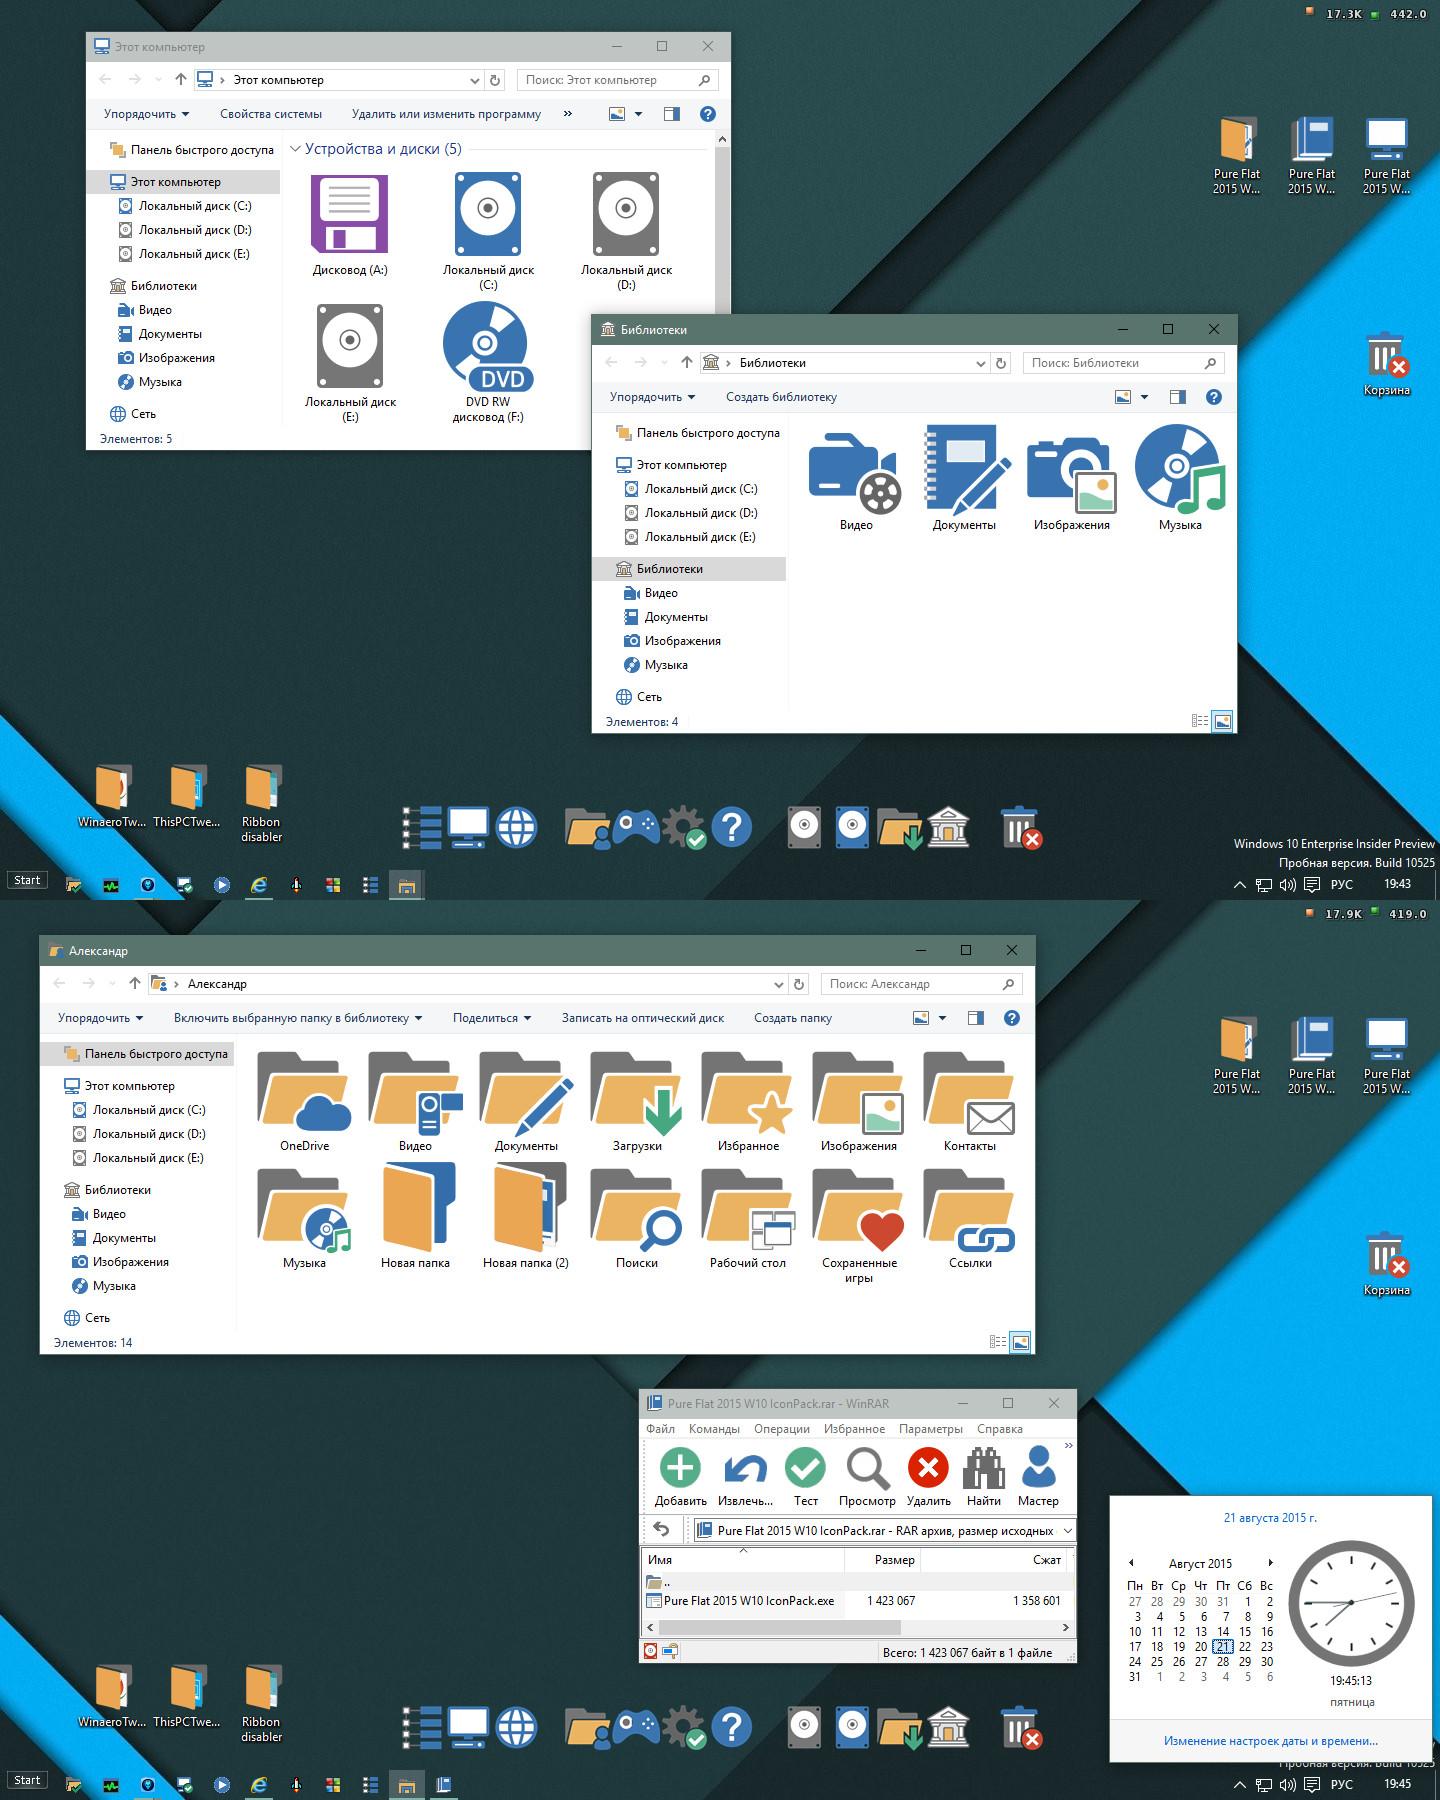 Pure Flat 2015 W10 IconPack